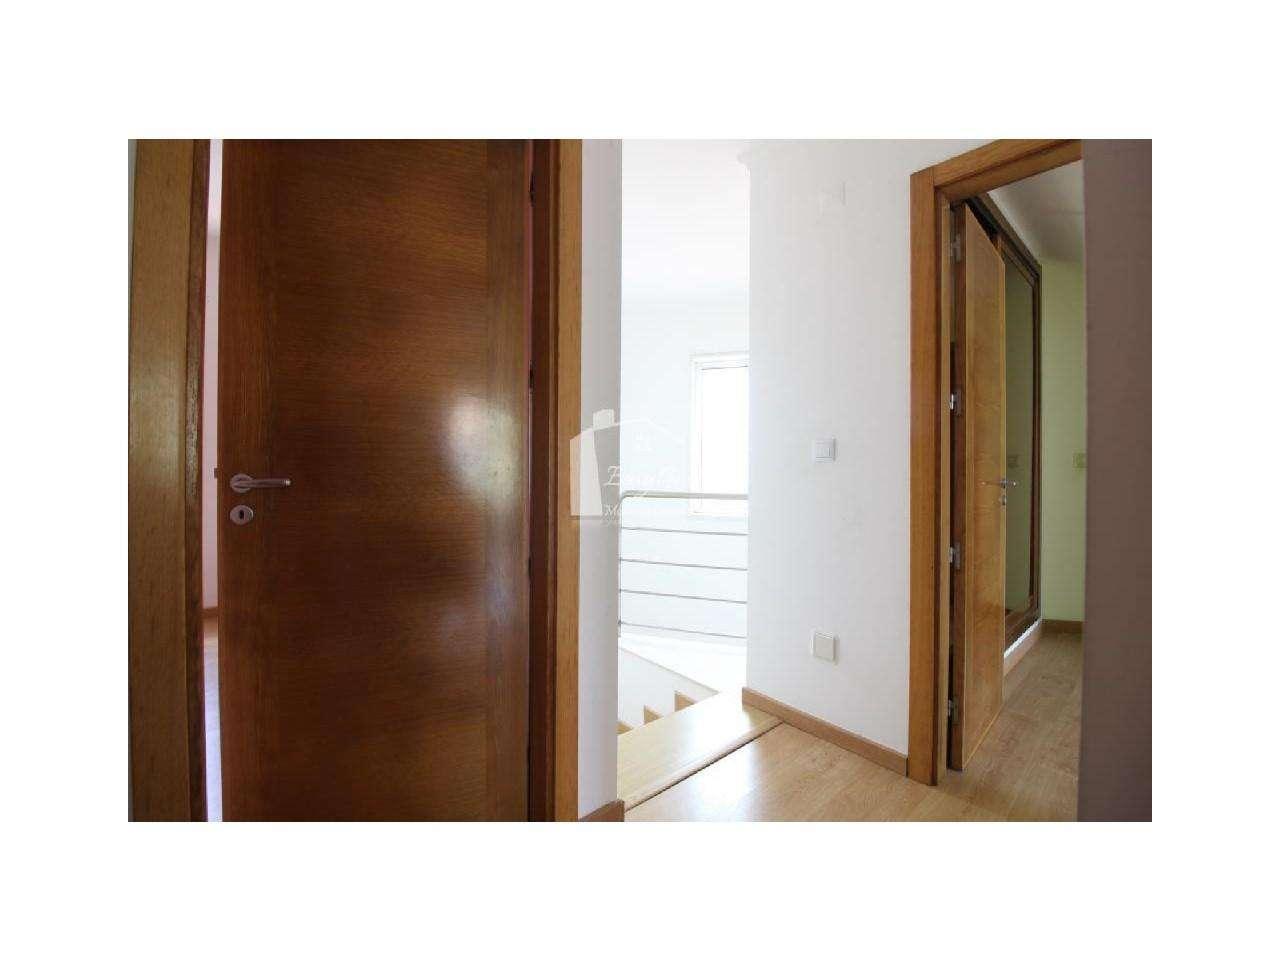 Apartamento para comprar, Fernão Ferro, Setúbal - Foto 17